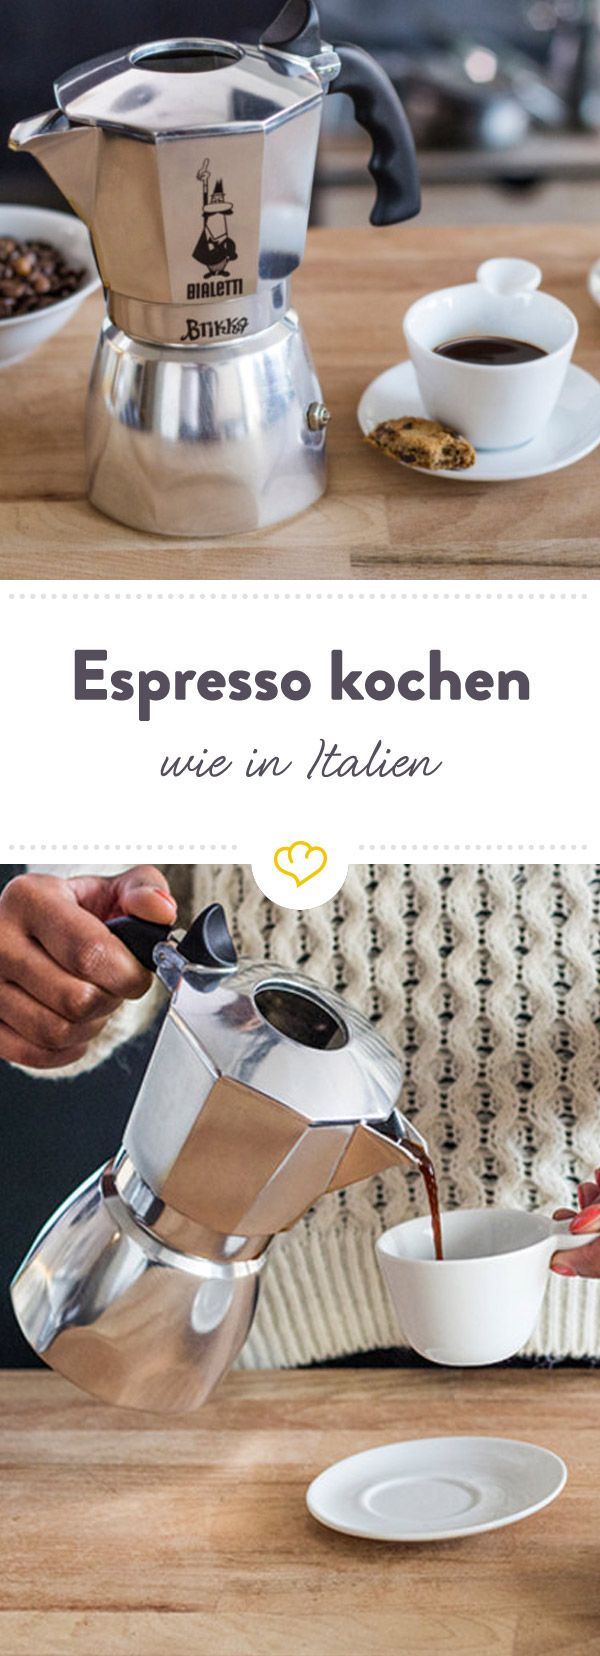 Espressokocher im Test ✓ Schritt-für-Schritt-Anleitung ✓ Was du beim Kauf beachten müssen ✓ Tipps zu Pflege & Reinigung ✓ Aluminium oder Edelstahl ?